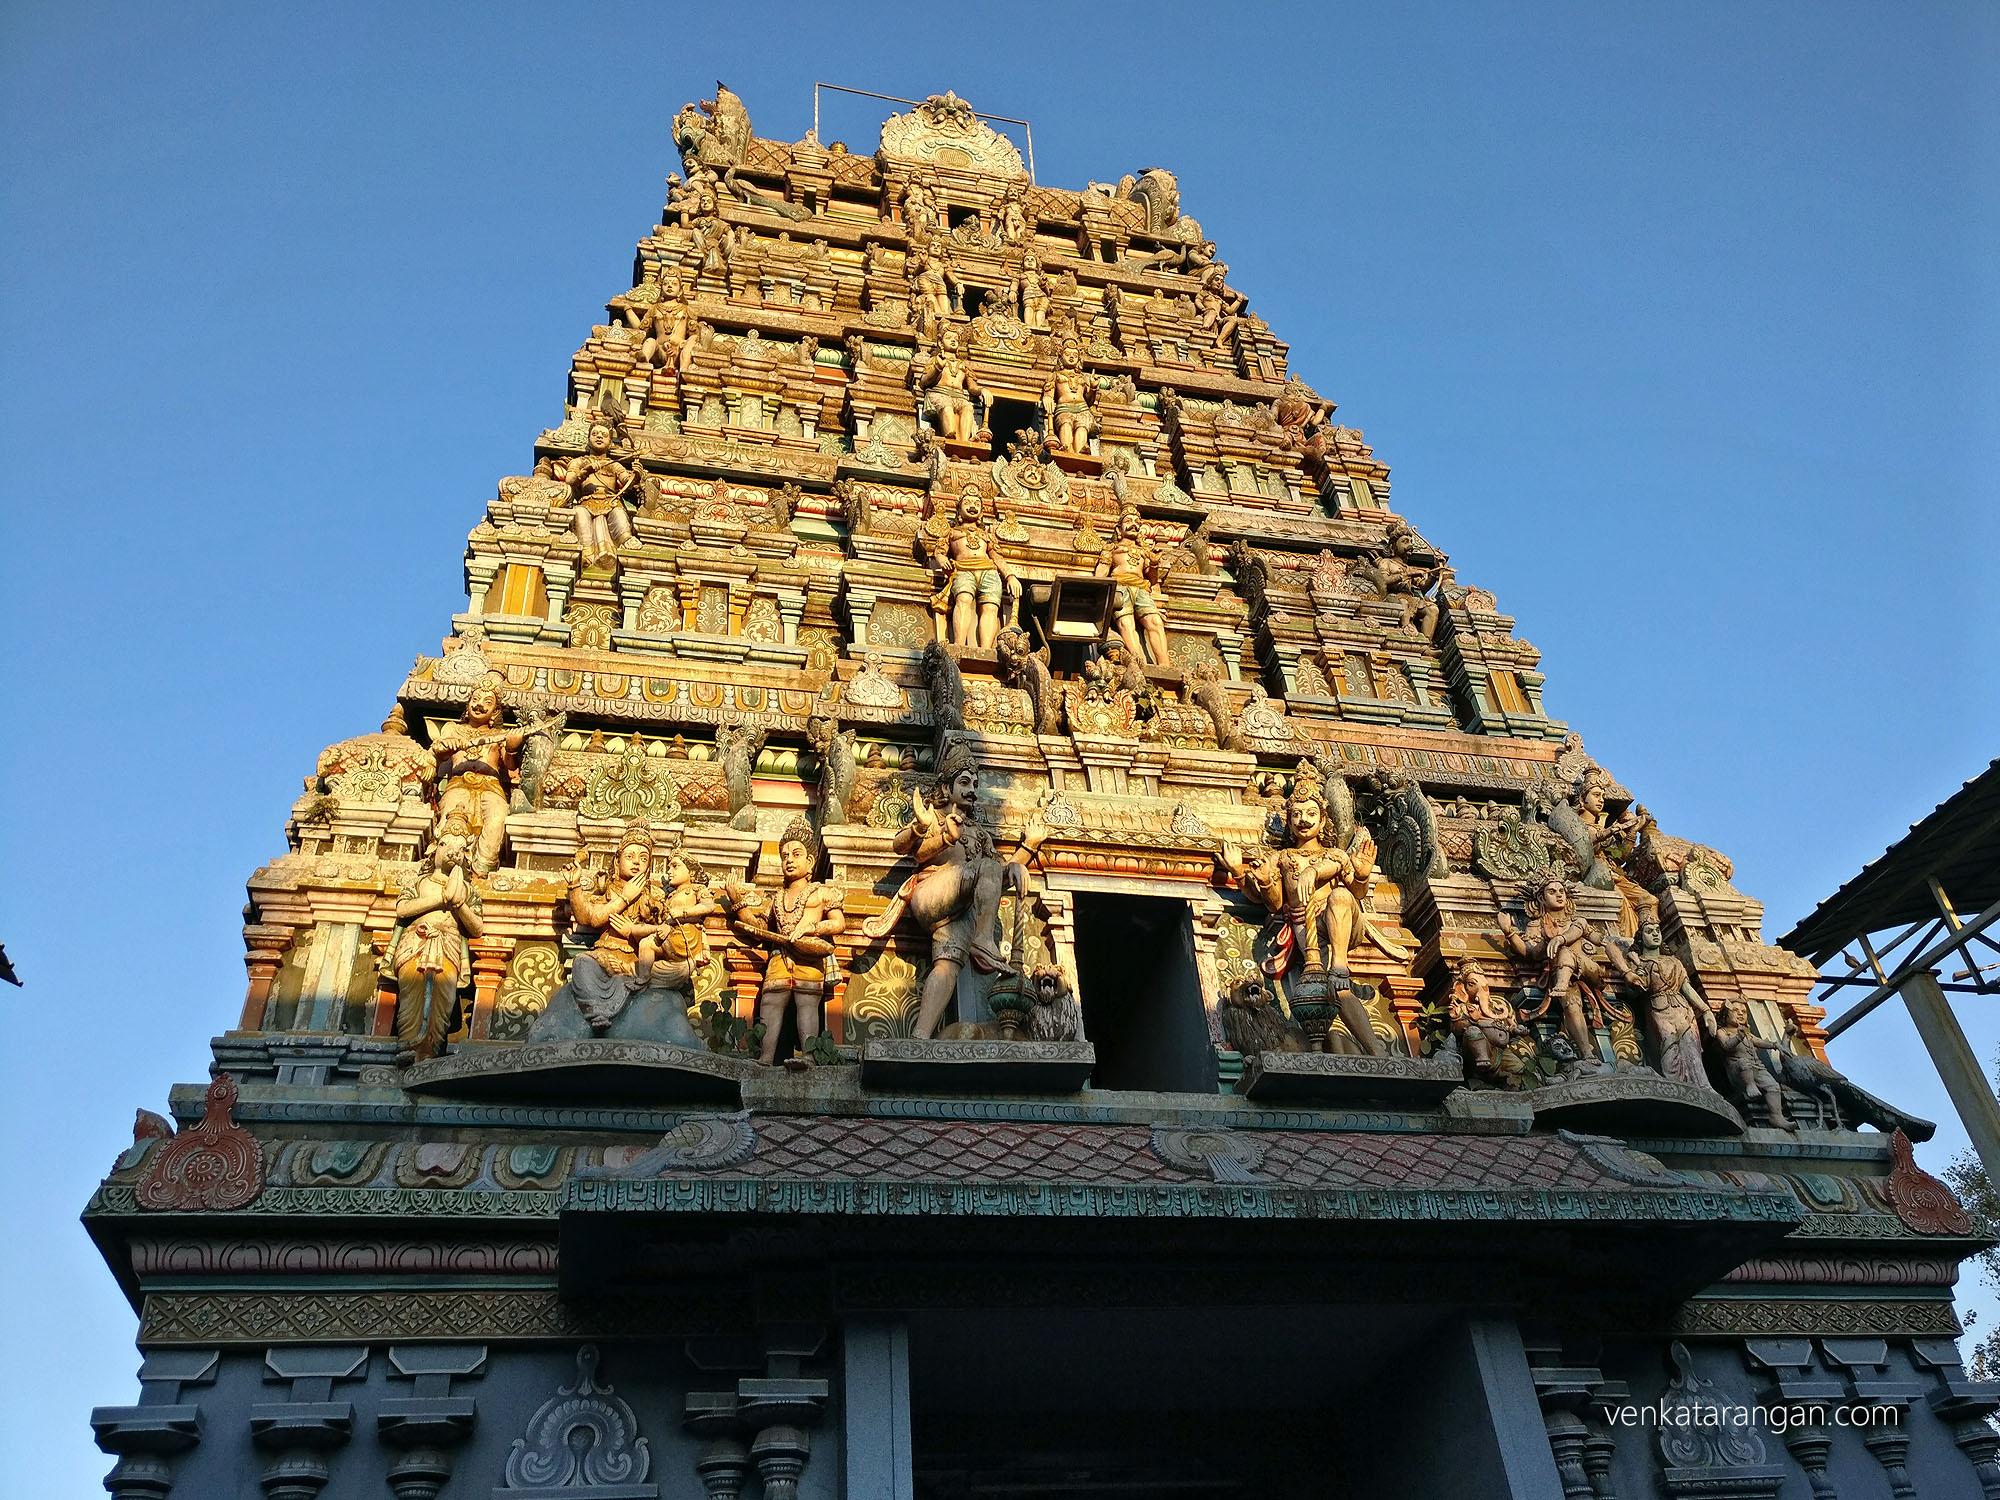 திருக்கோயில் கோபுரத்தில் உள்பக்க பார்வை